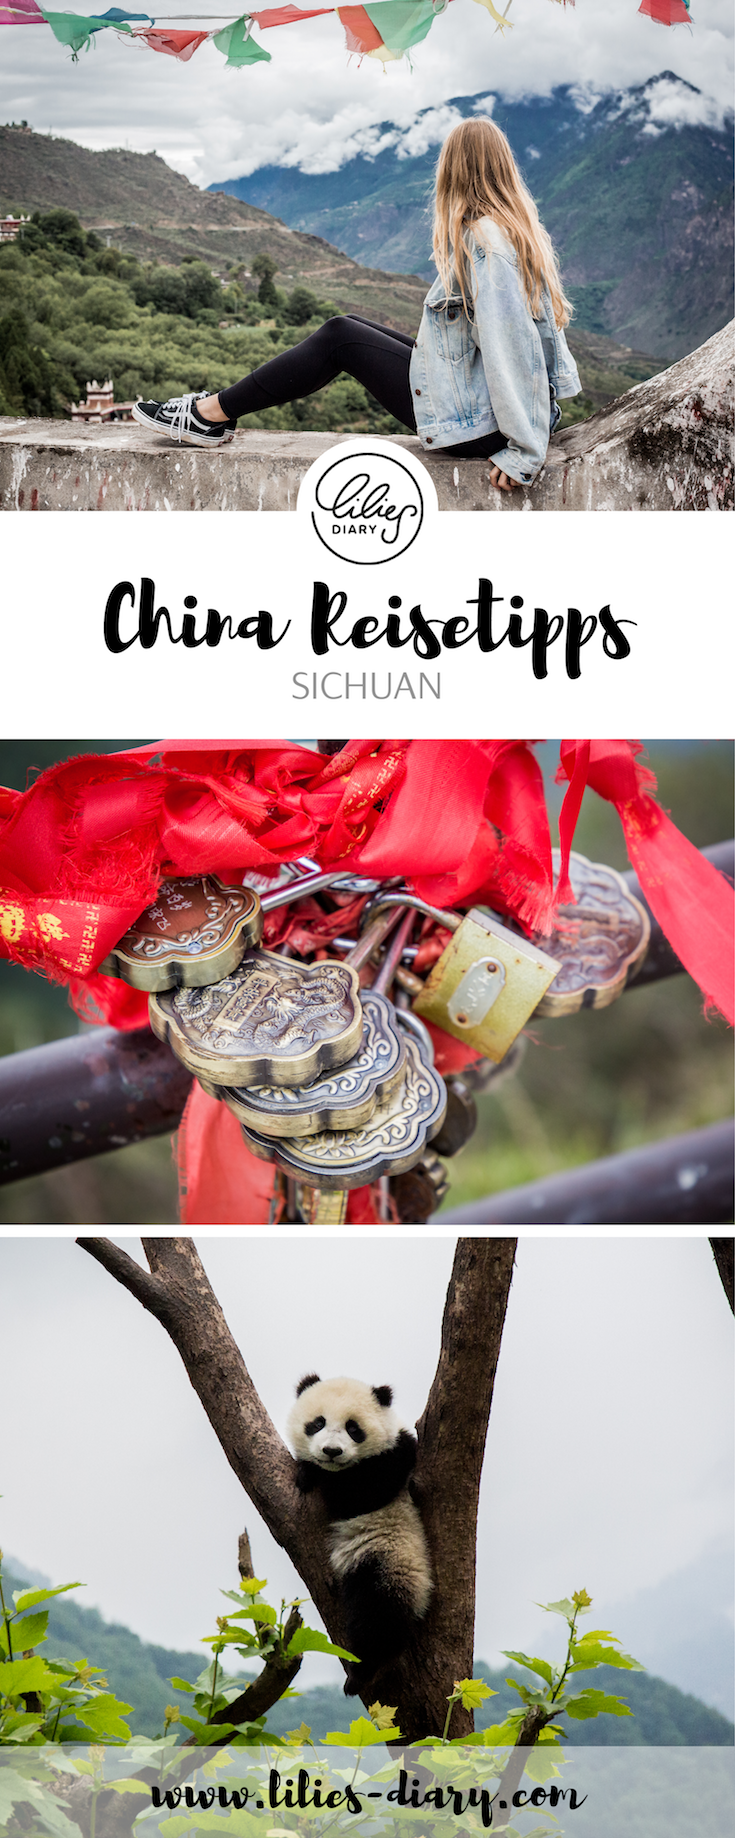 china reisetipps sichuan